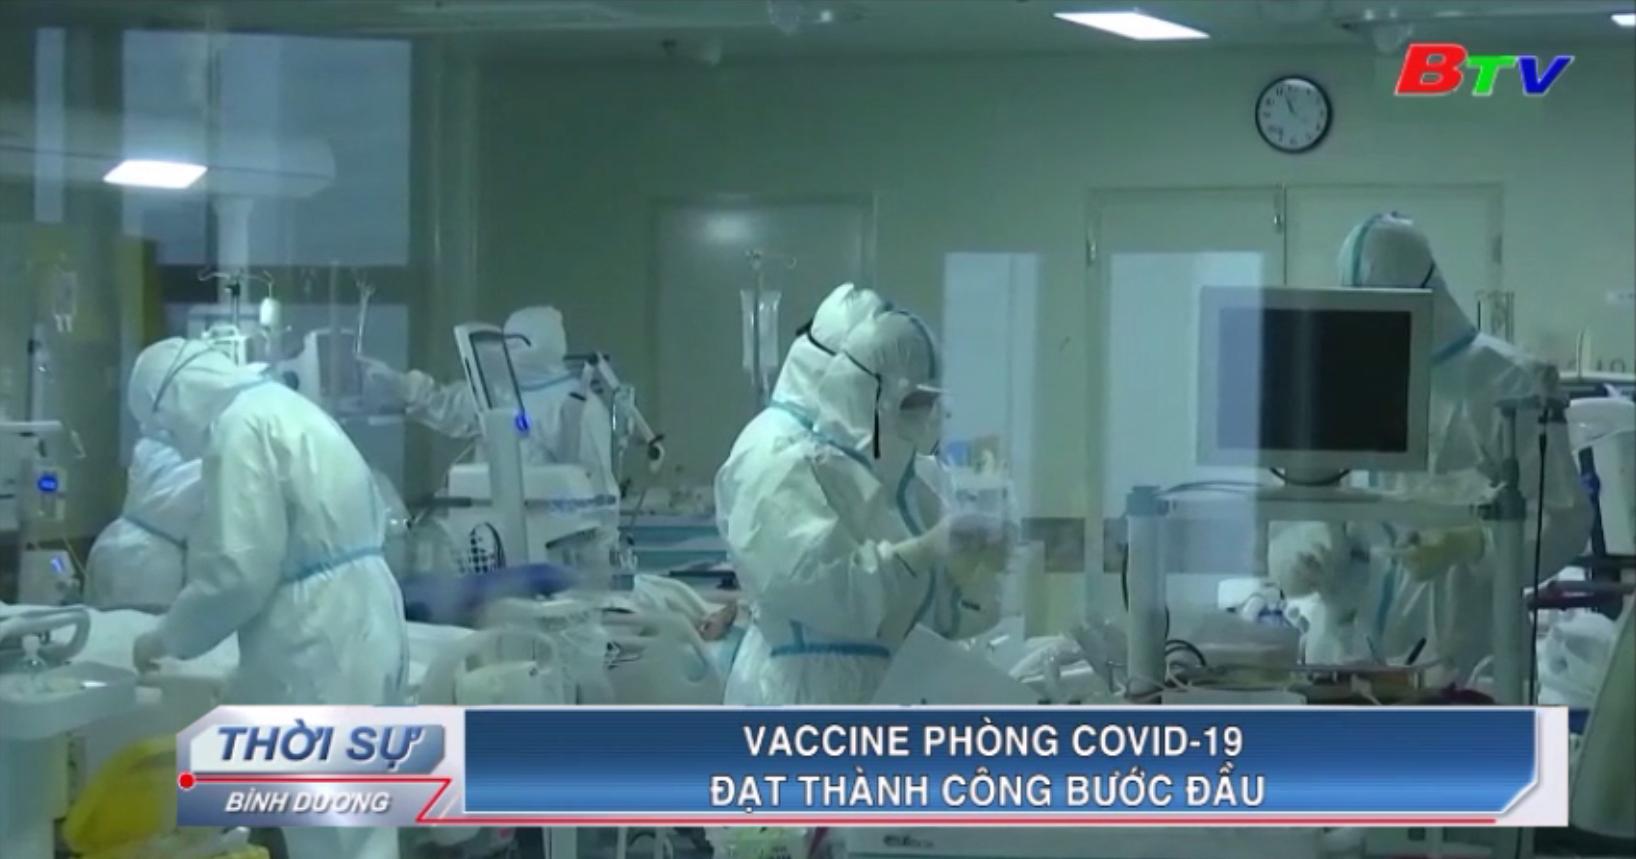 Vaccine phòng Covid-19 đạt thành công bước đầu